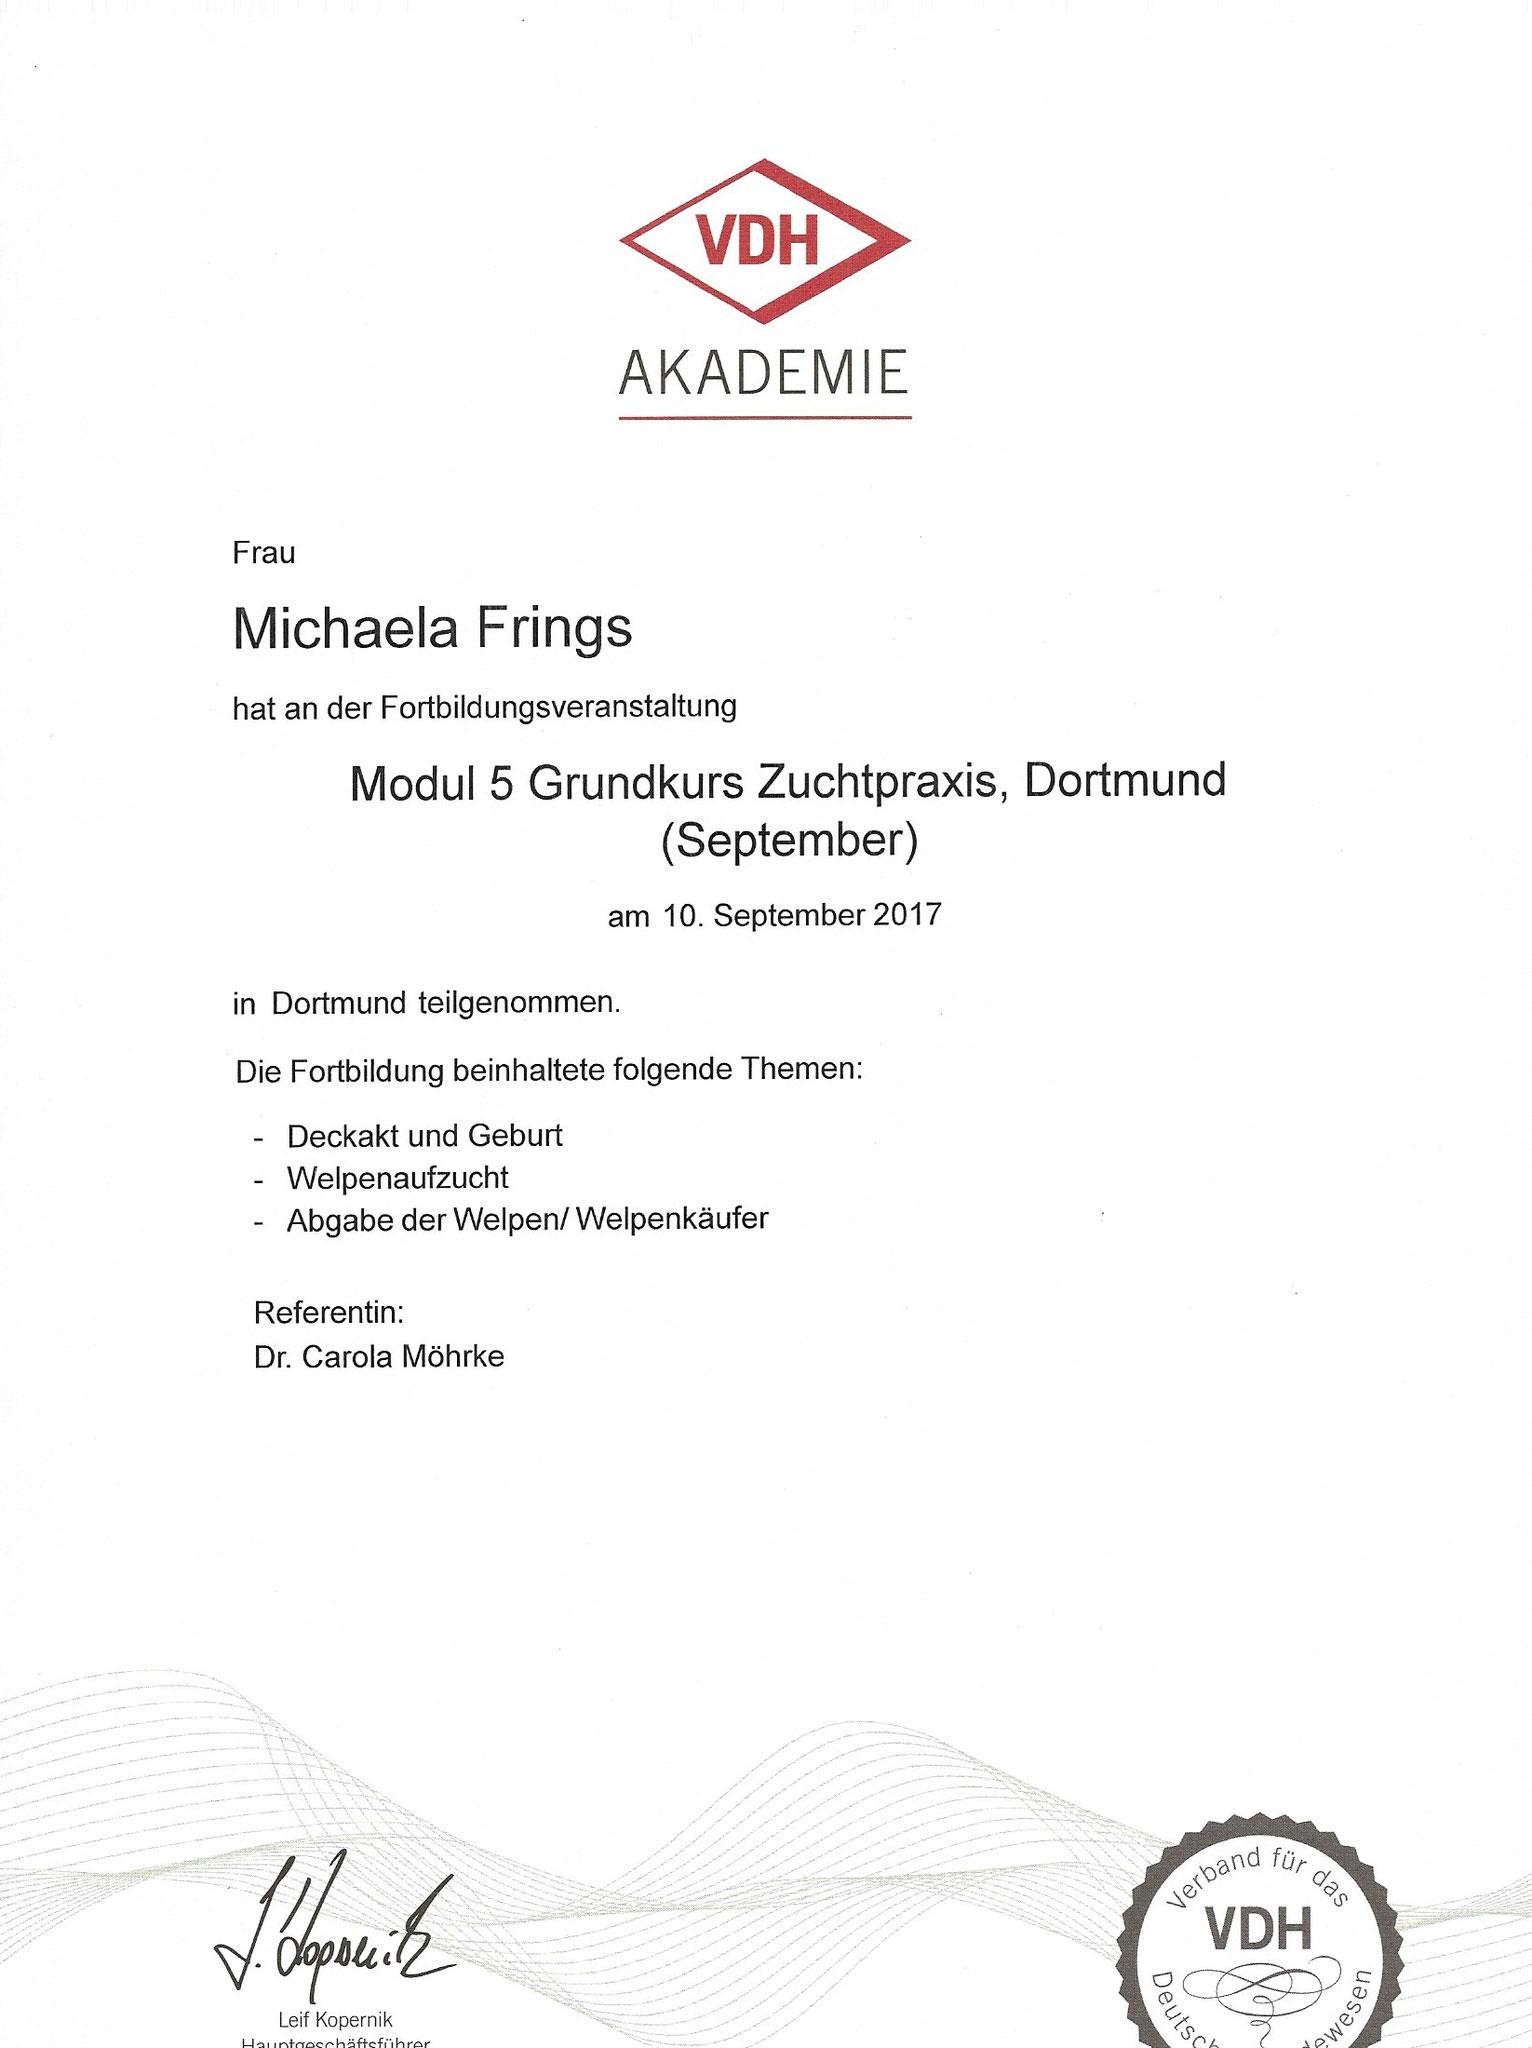 Kynologischer Basiskurs Modul 5 Zuchtpraxis 09. September 2017